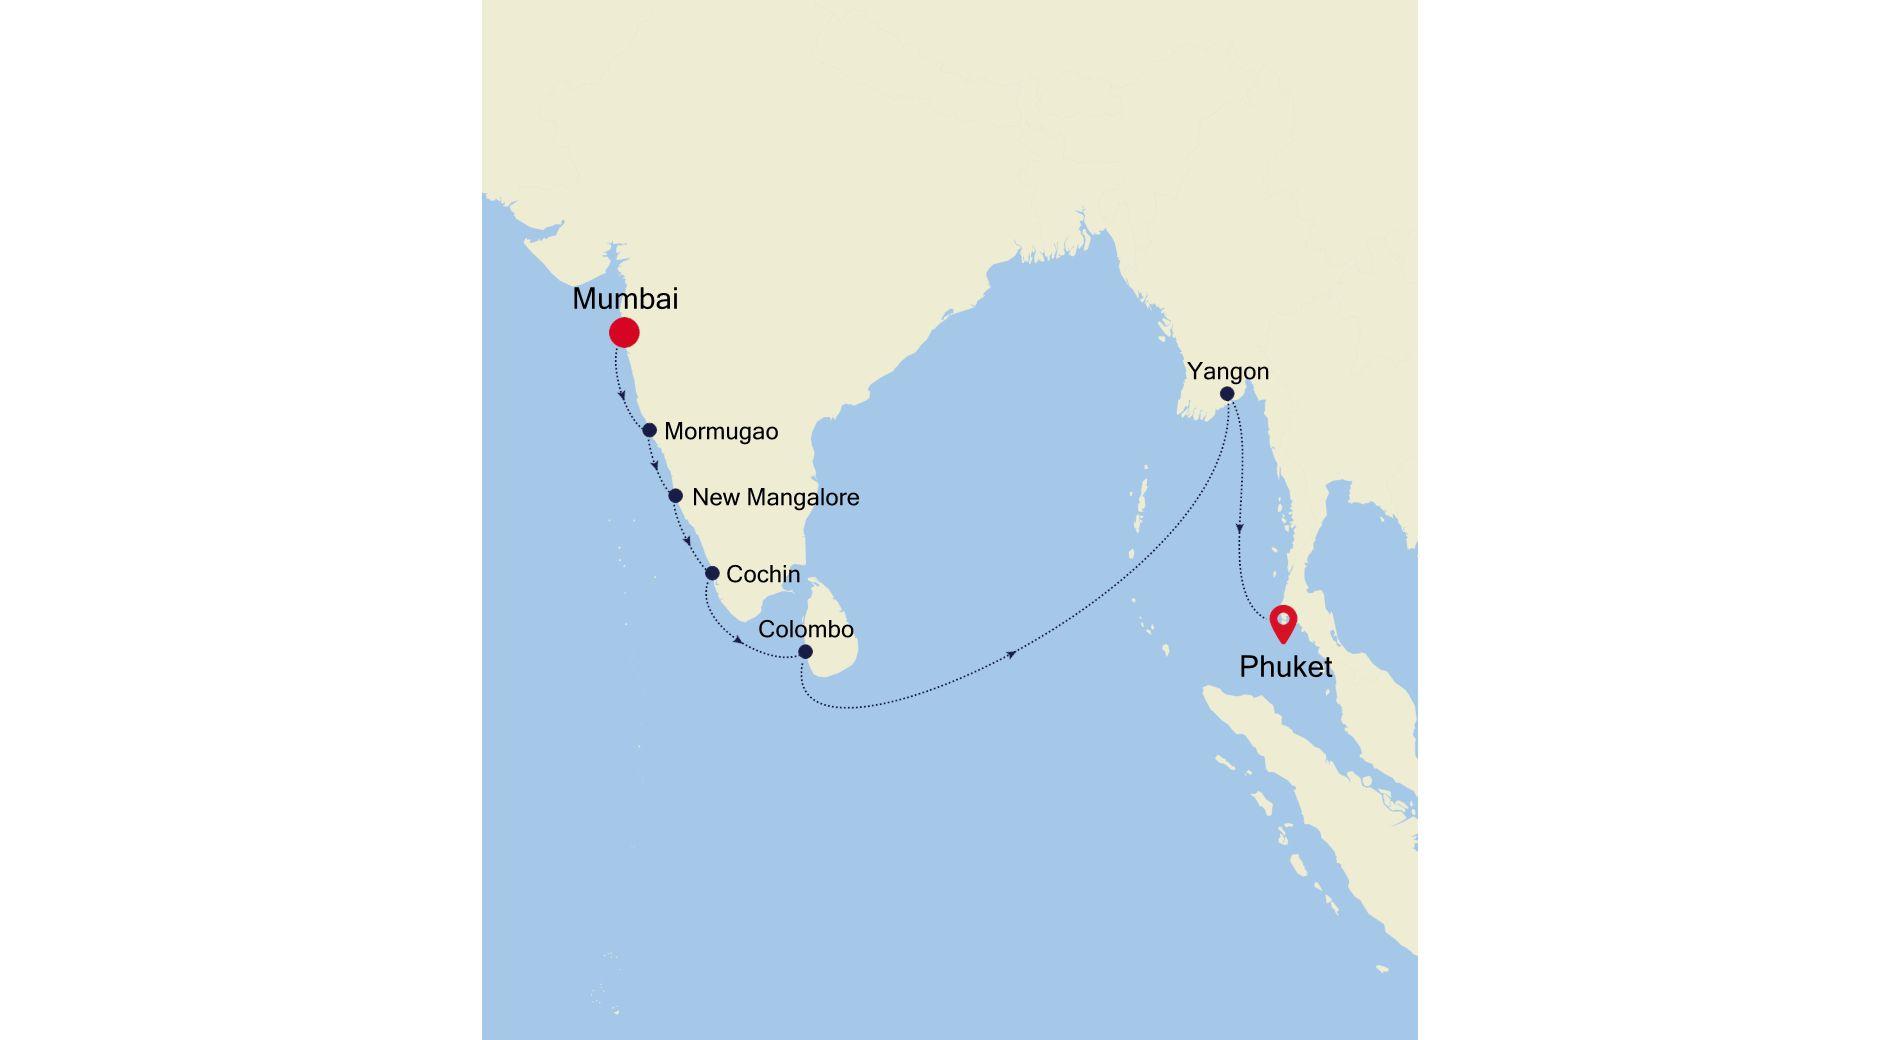 5934A - Mumbai a Phuket